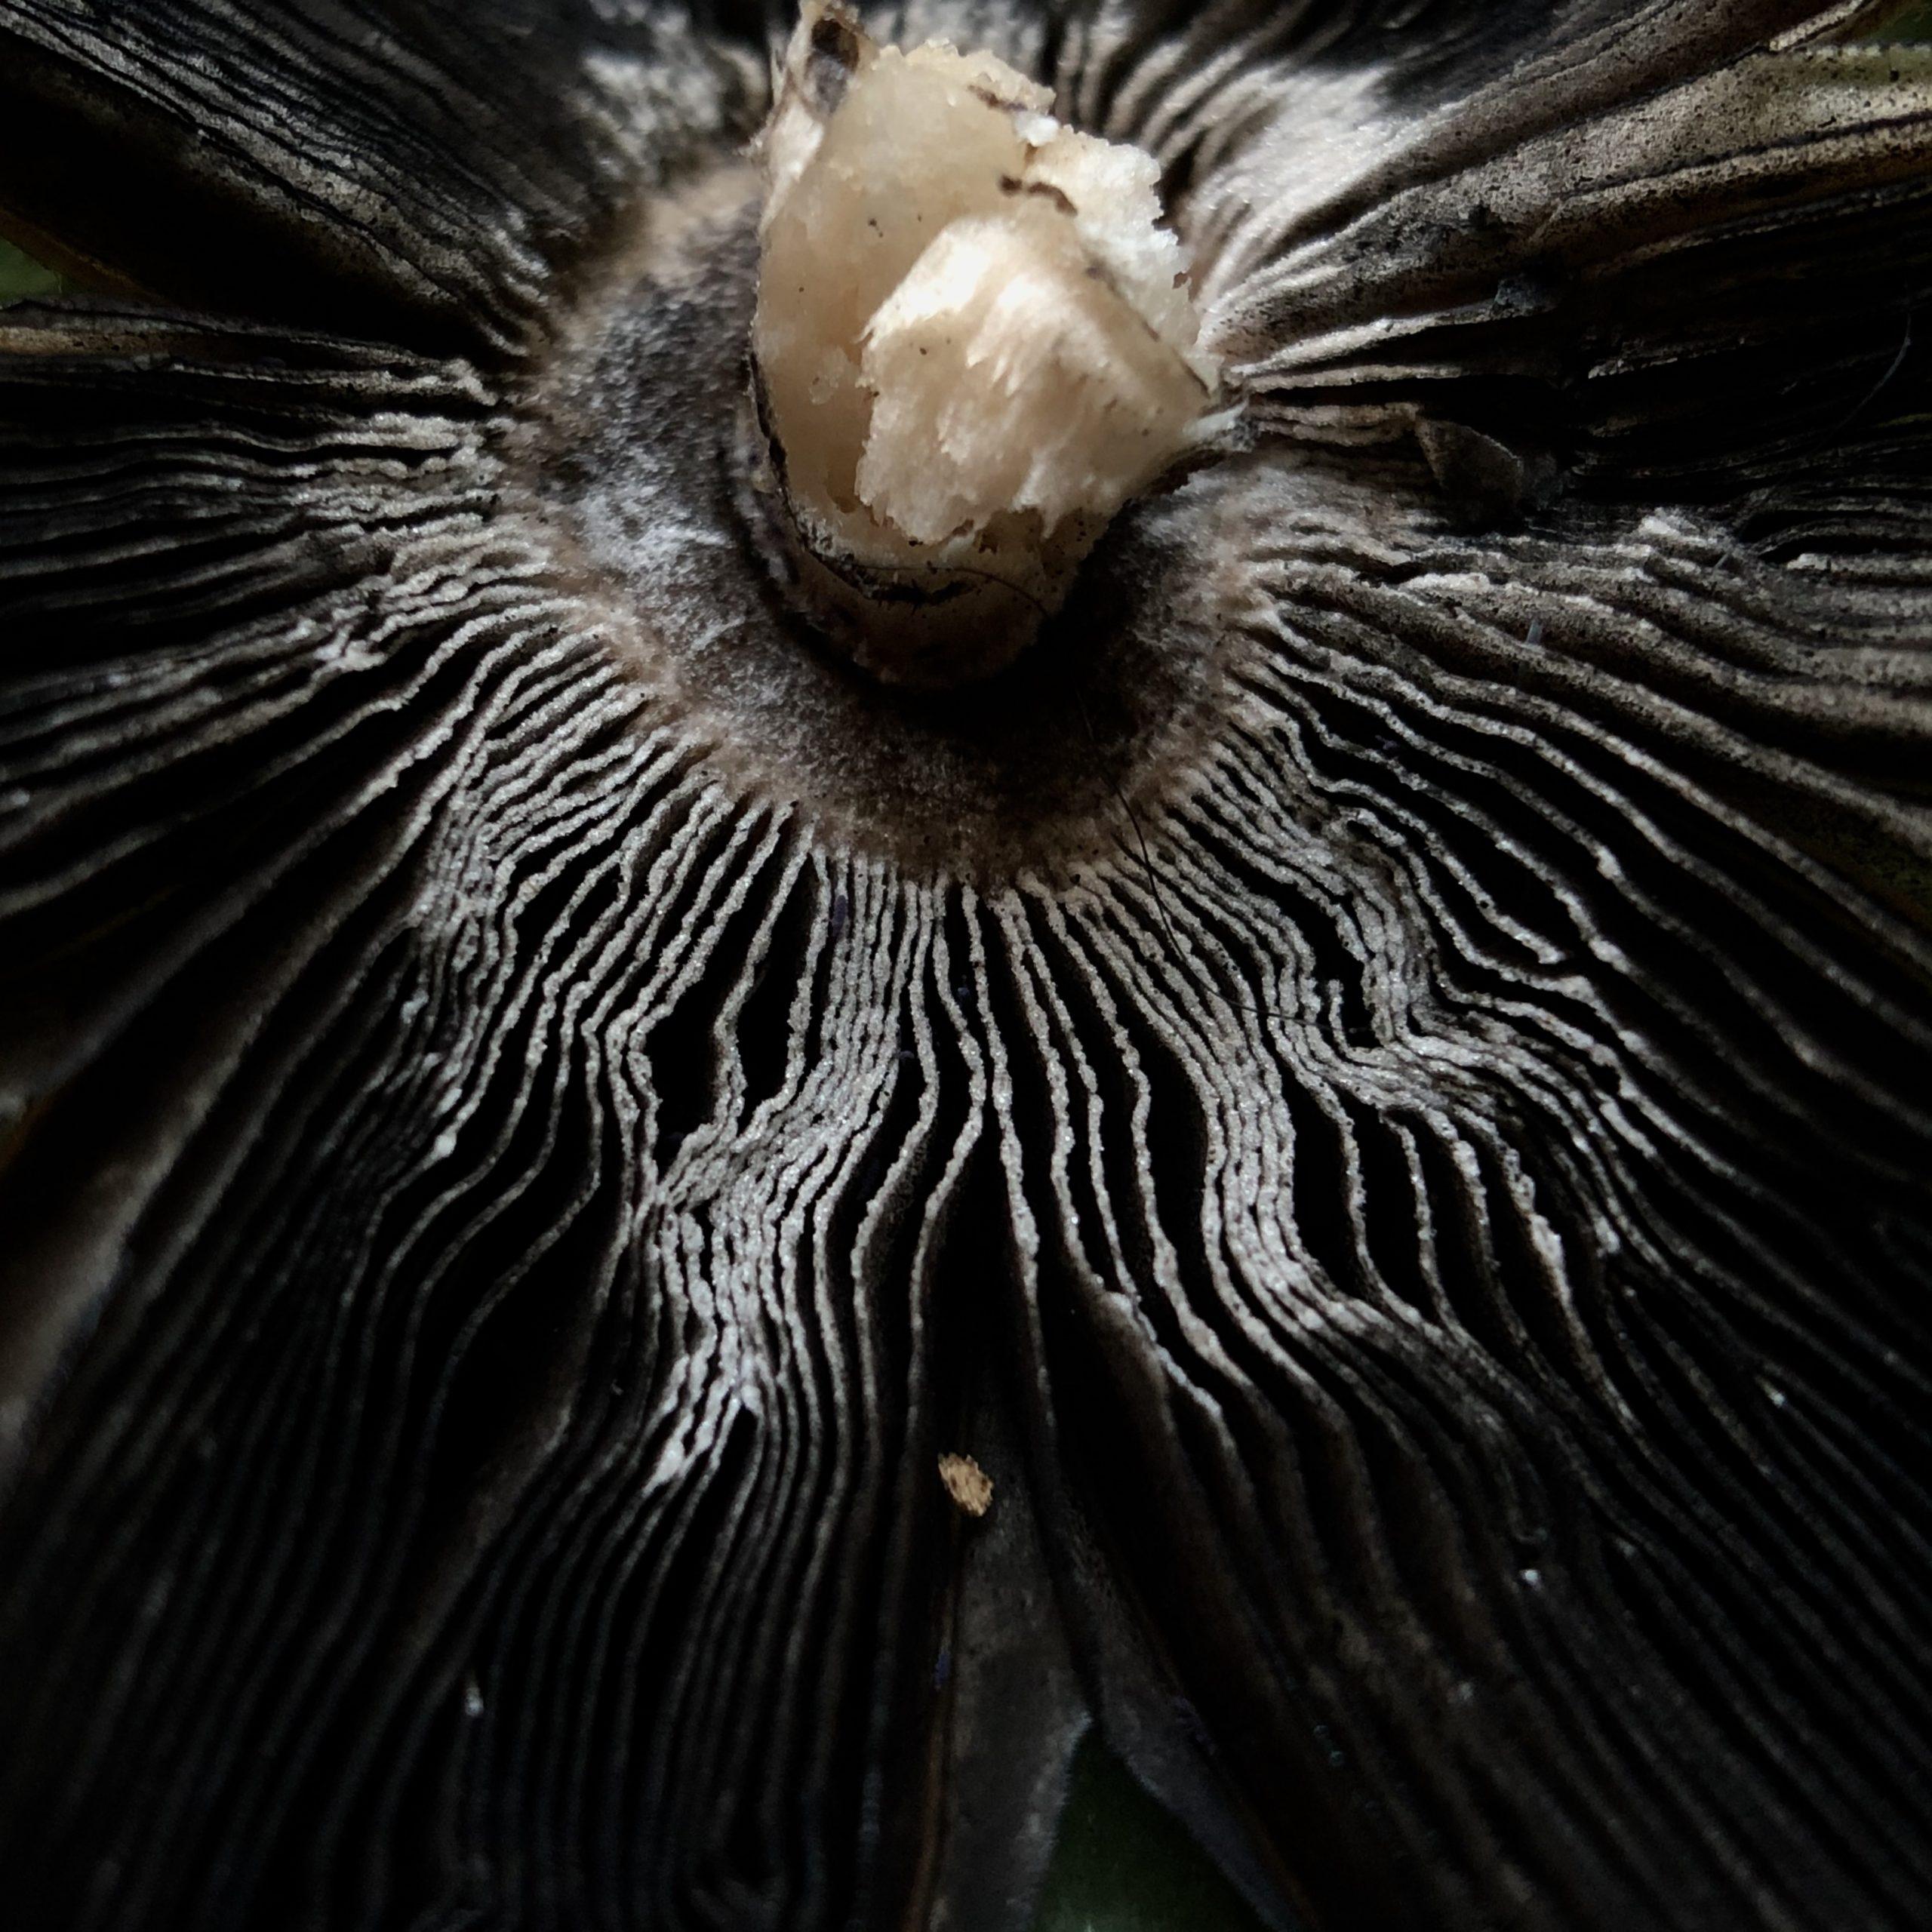 close up image of whitish, feathery mushroom fan